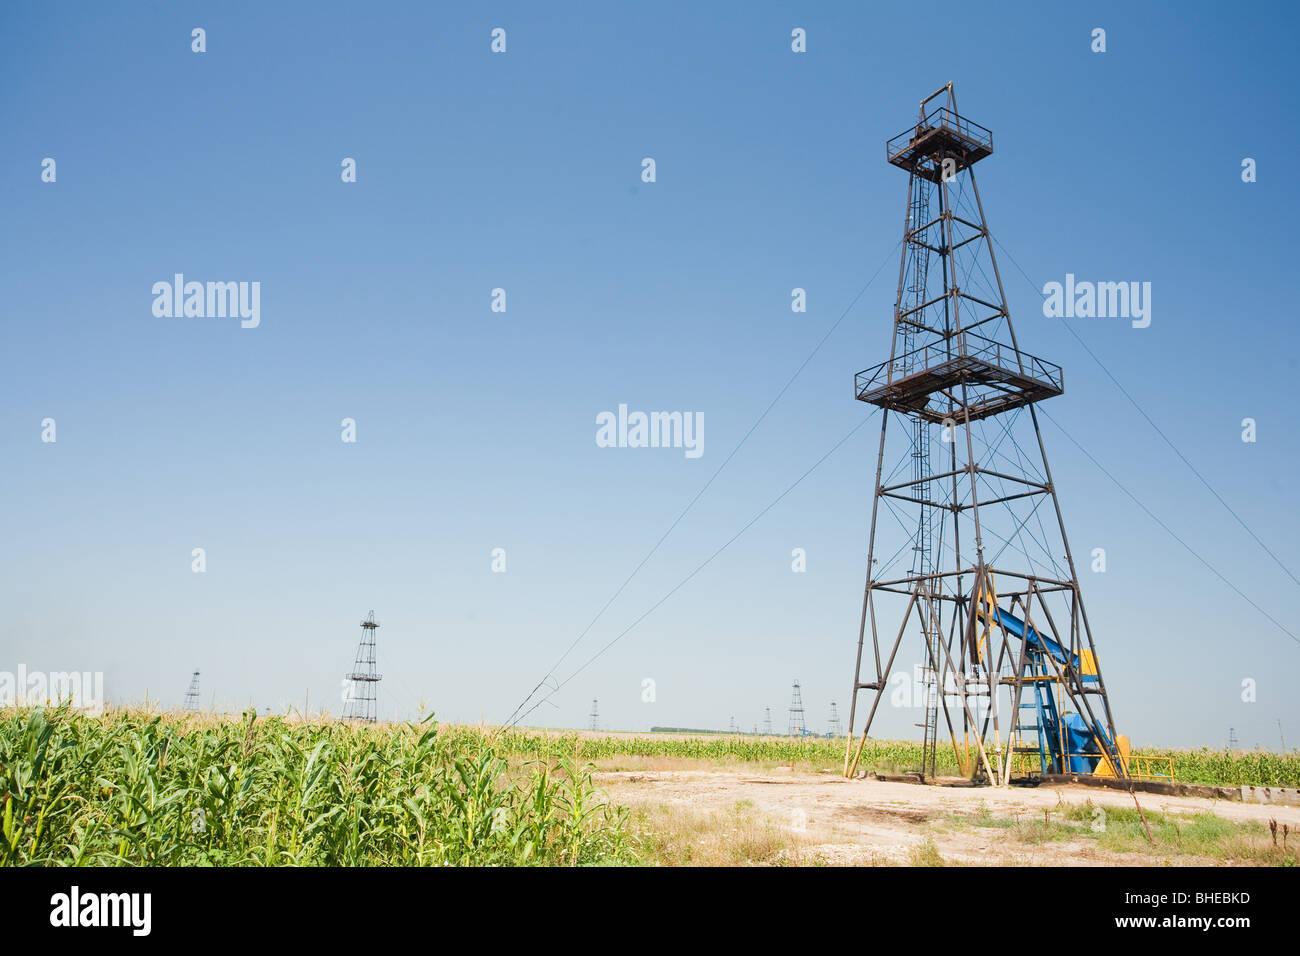 Olio campo di bene in mezzo a un campo di mais. Agricoltura e industria. Immagini Stock